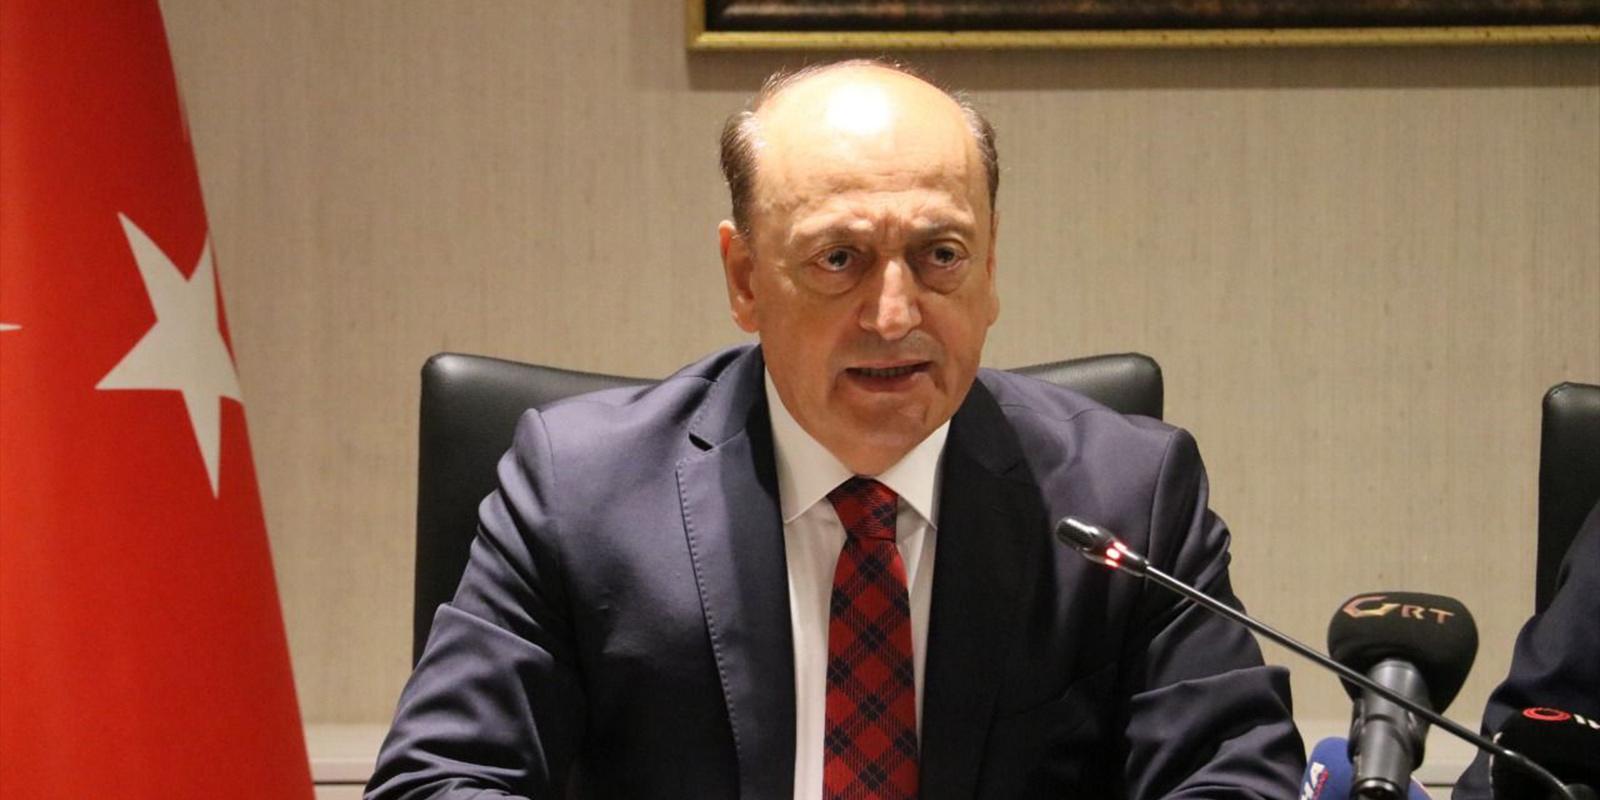 SON DAKİKA! Bakan Bilgin'den nisan ayı nakdi ücret desteği açıklaması!